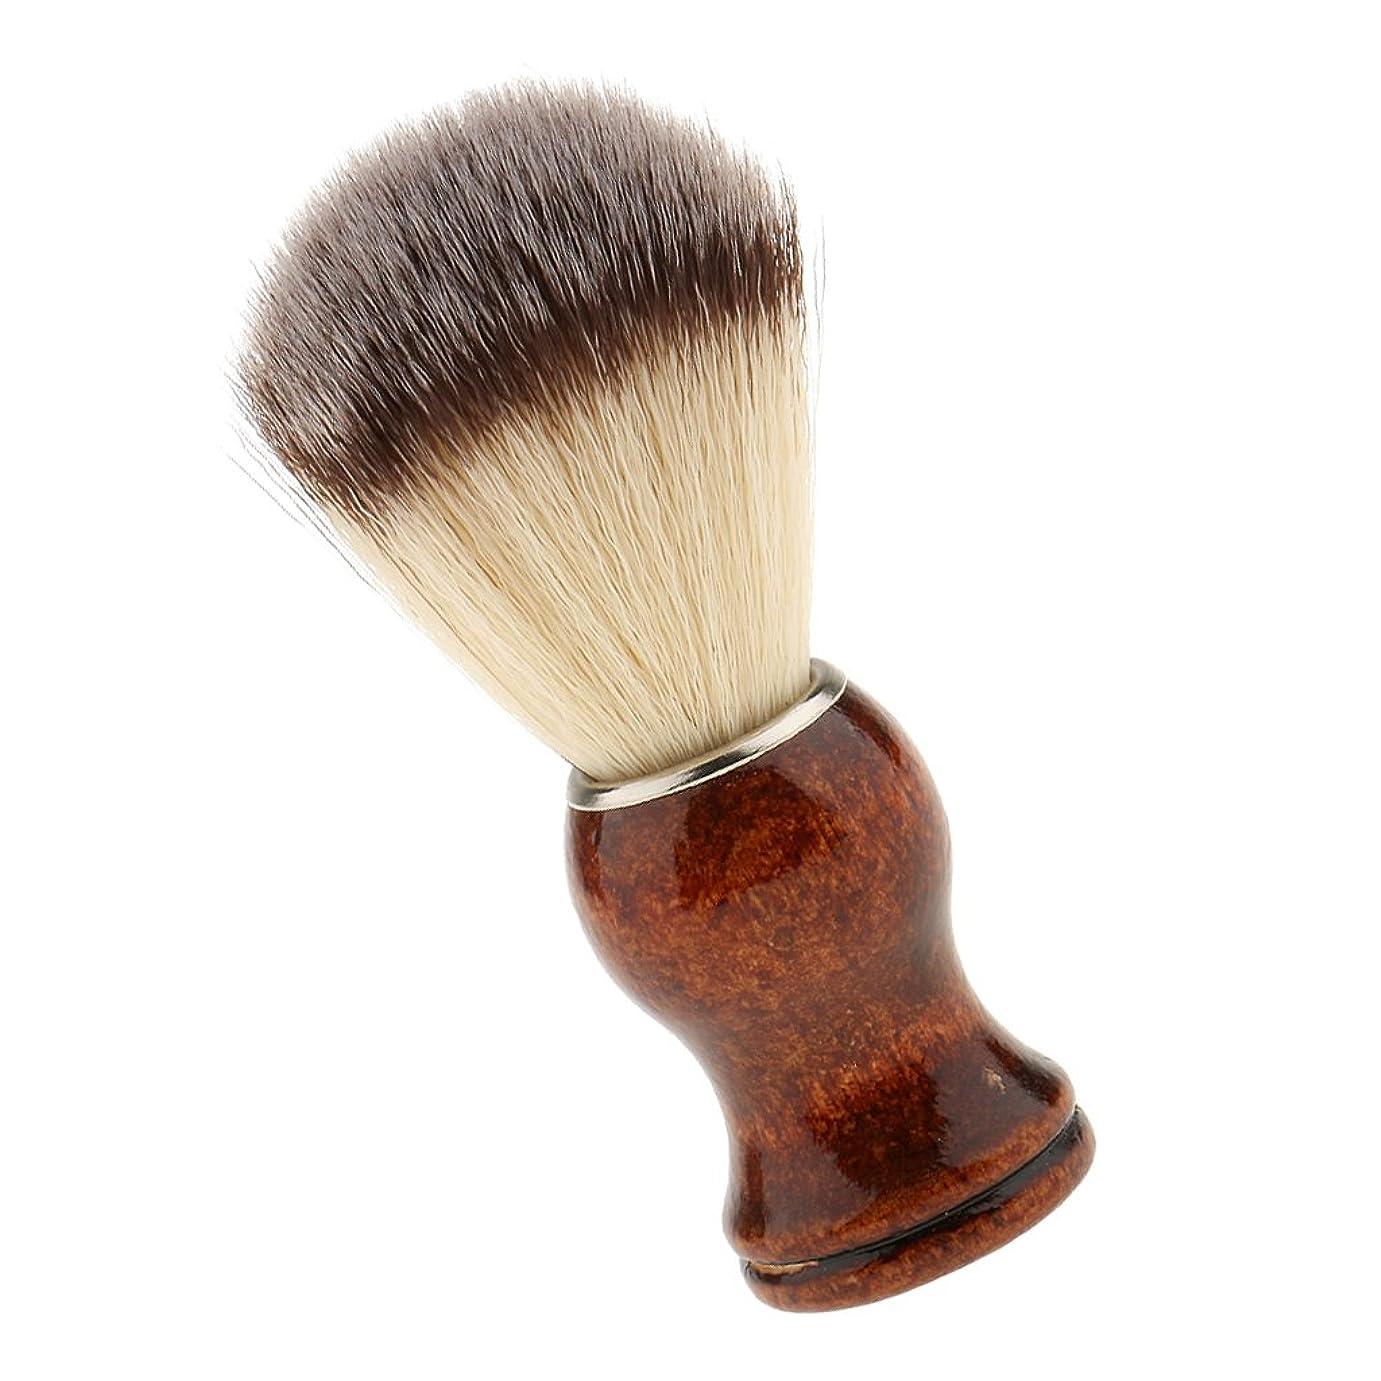 必要とする大腿プロットSONONIA サロン 理髪用 ナイロン シェービングブラシ 首/顔 散髪整理  泡たてやすい ひげブラシ